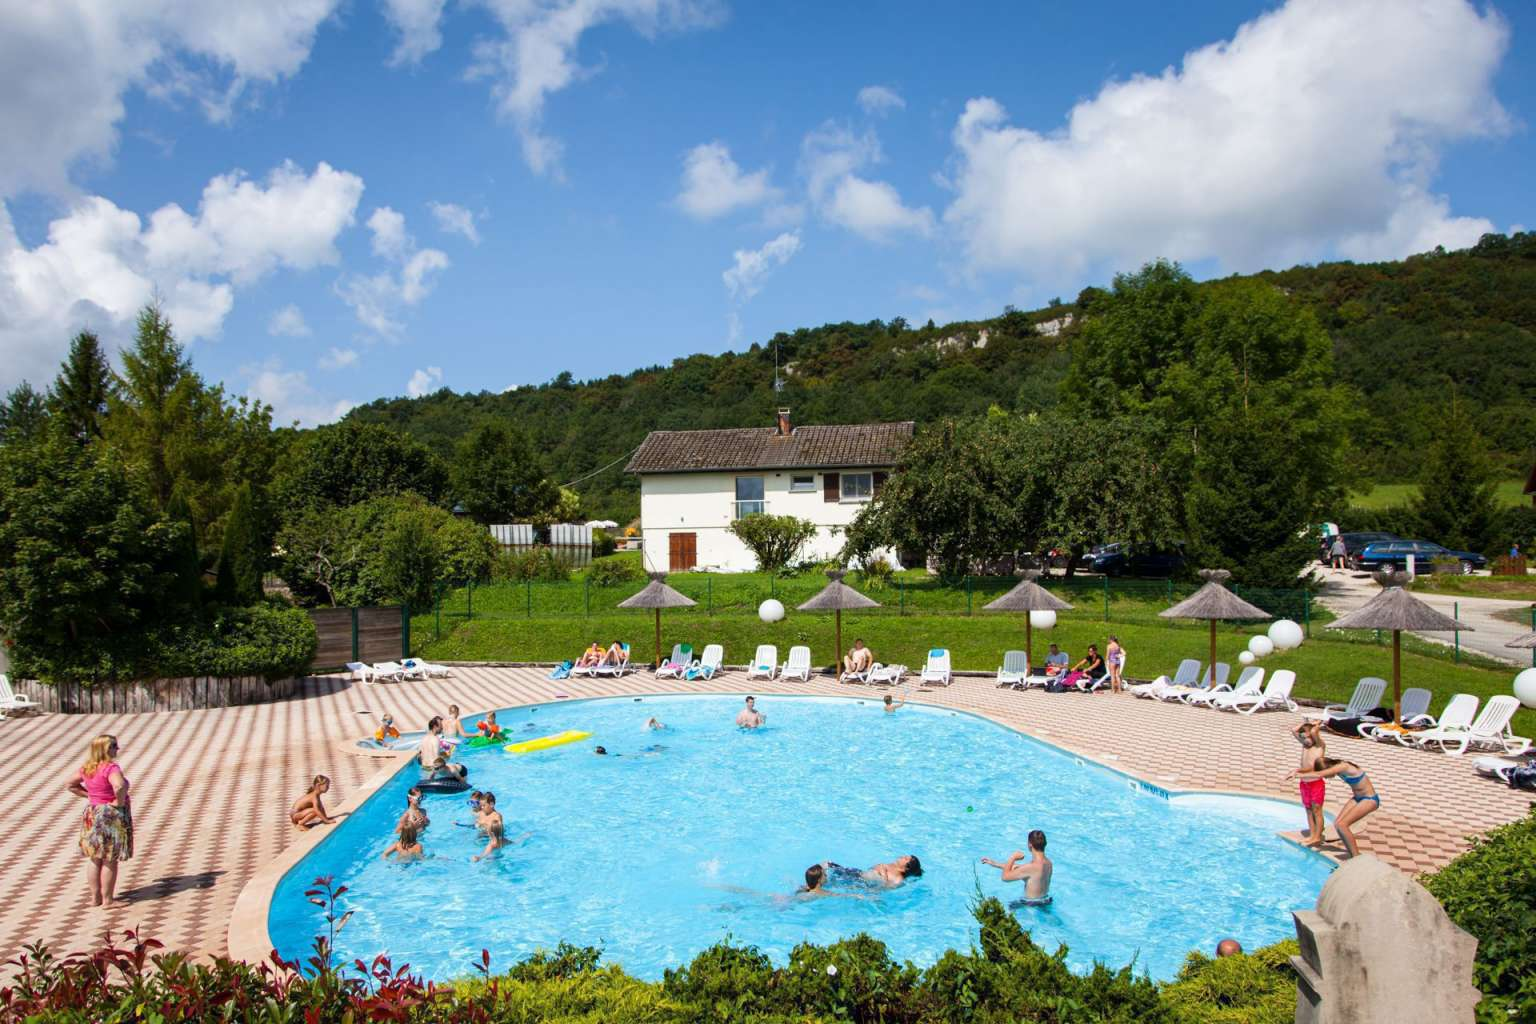 La piscine du Camping Epinette proche Lac de Chalain